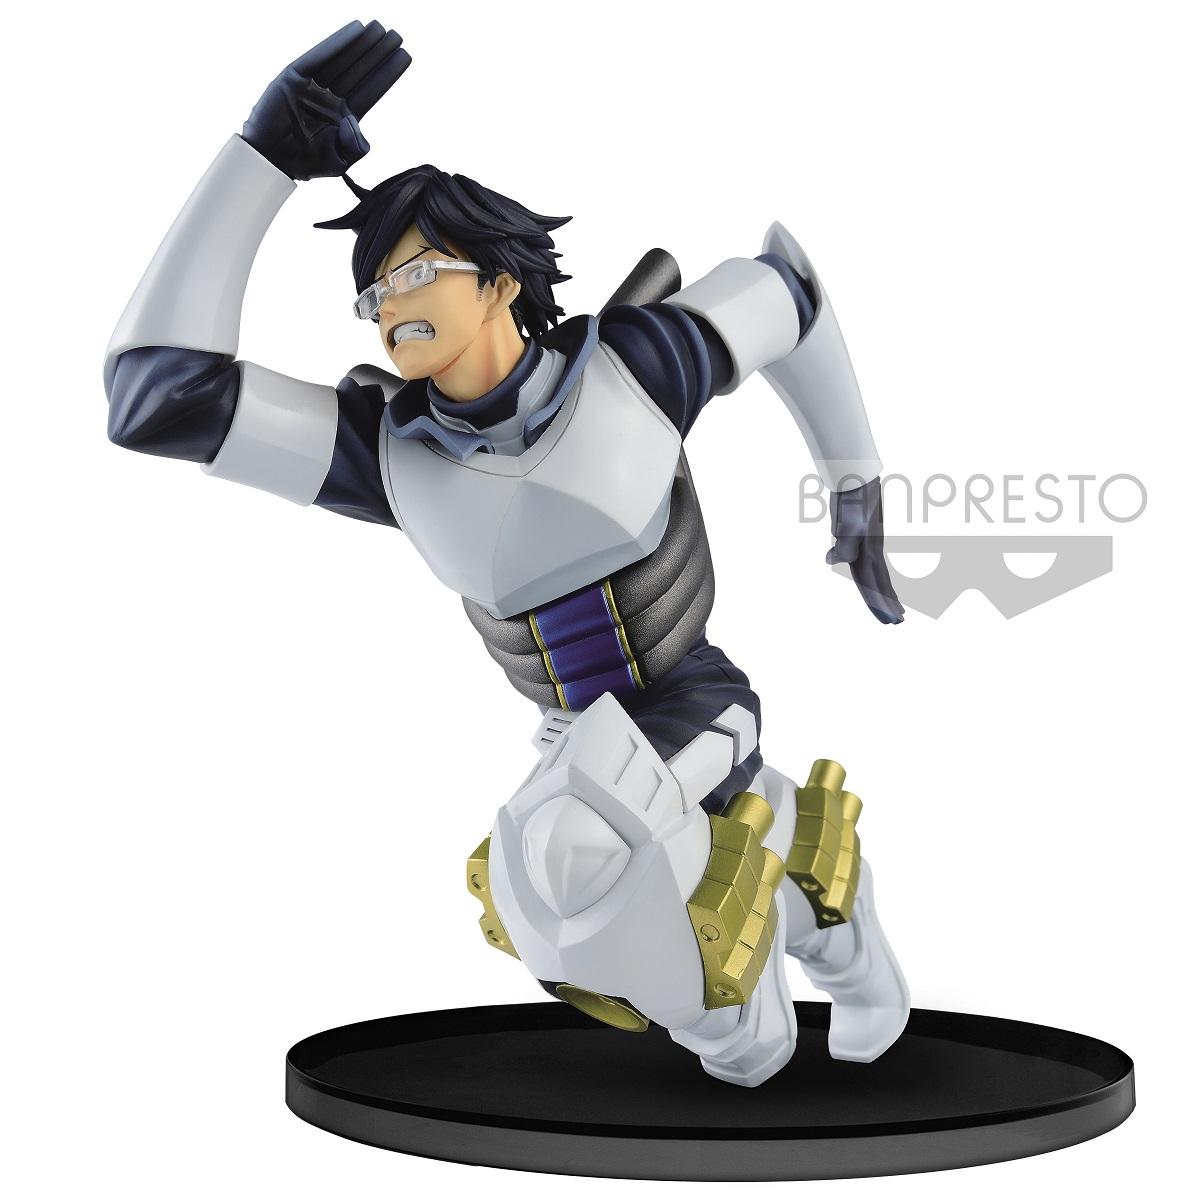 Tenya Iida Colosseum Ver My Hero Academia Prize Figure